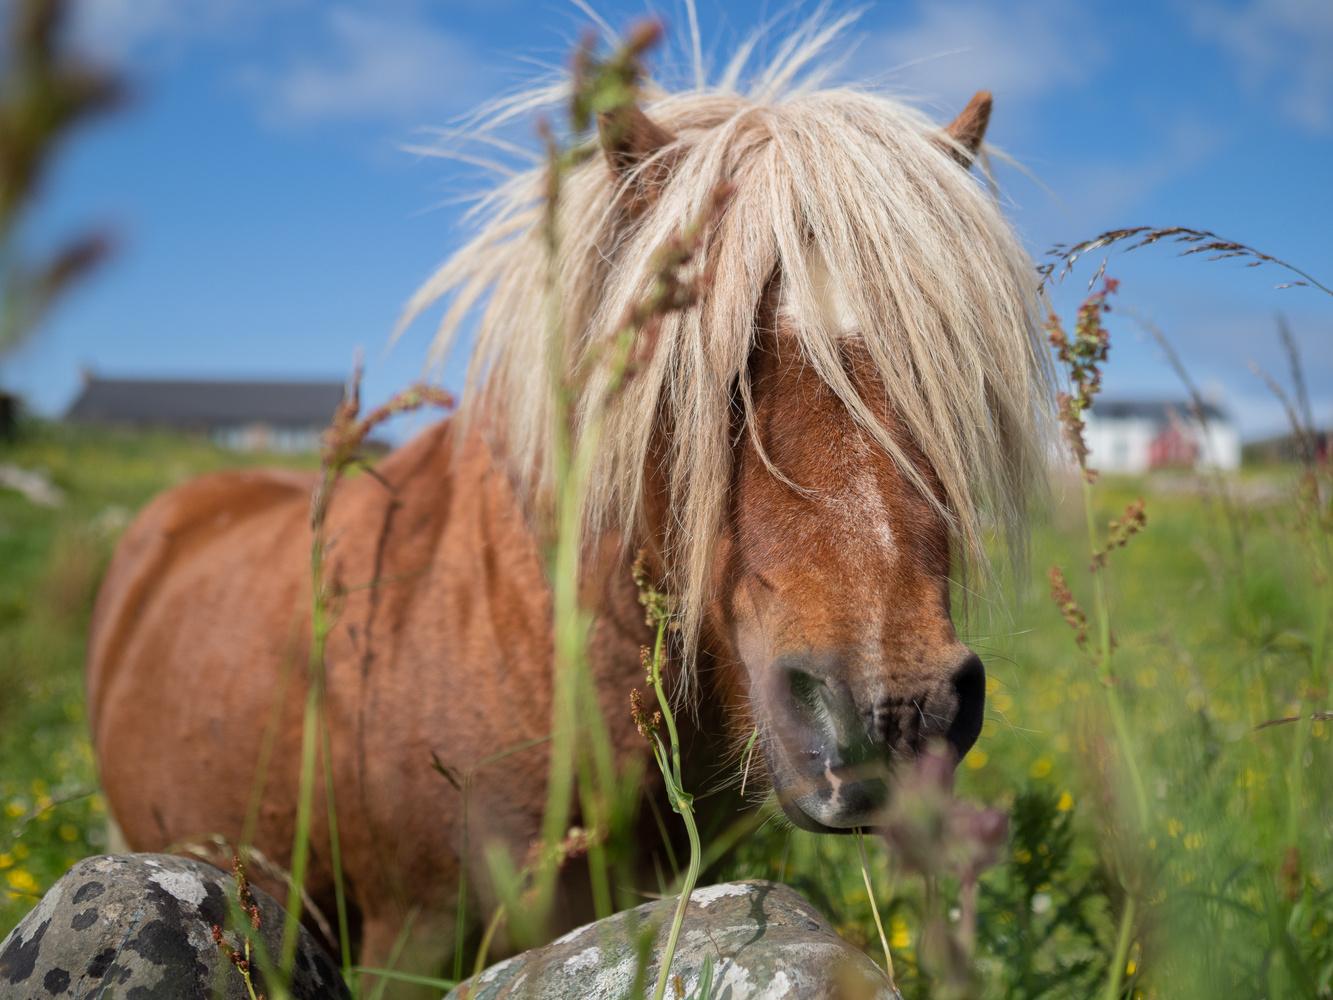 Shetland pony by Tomasz Kowalski